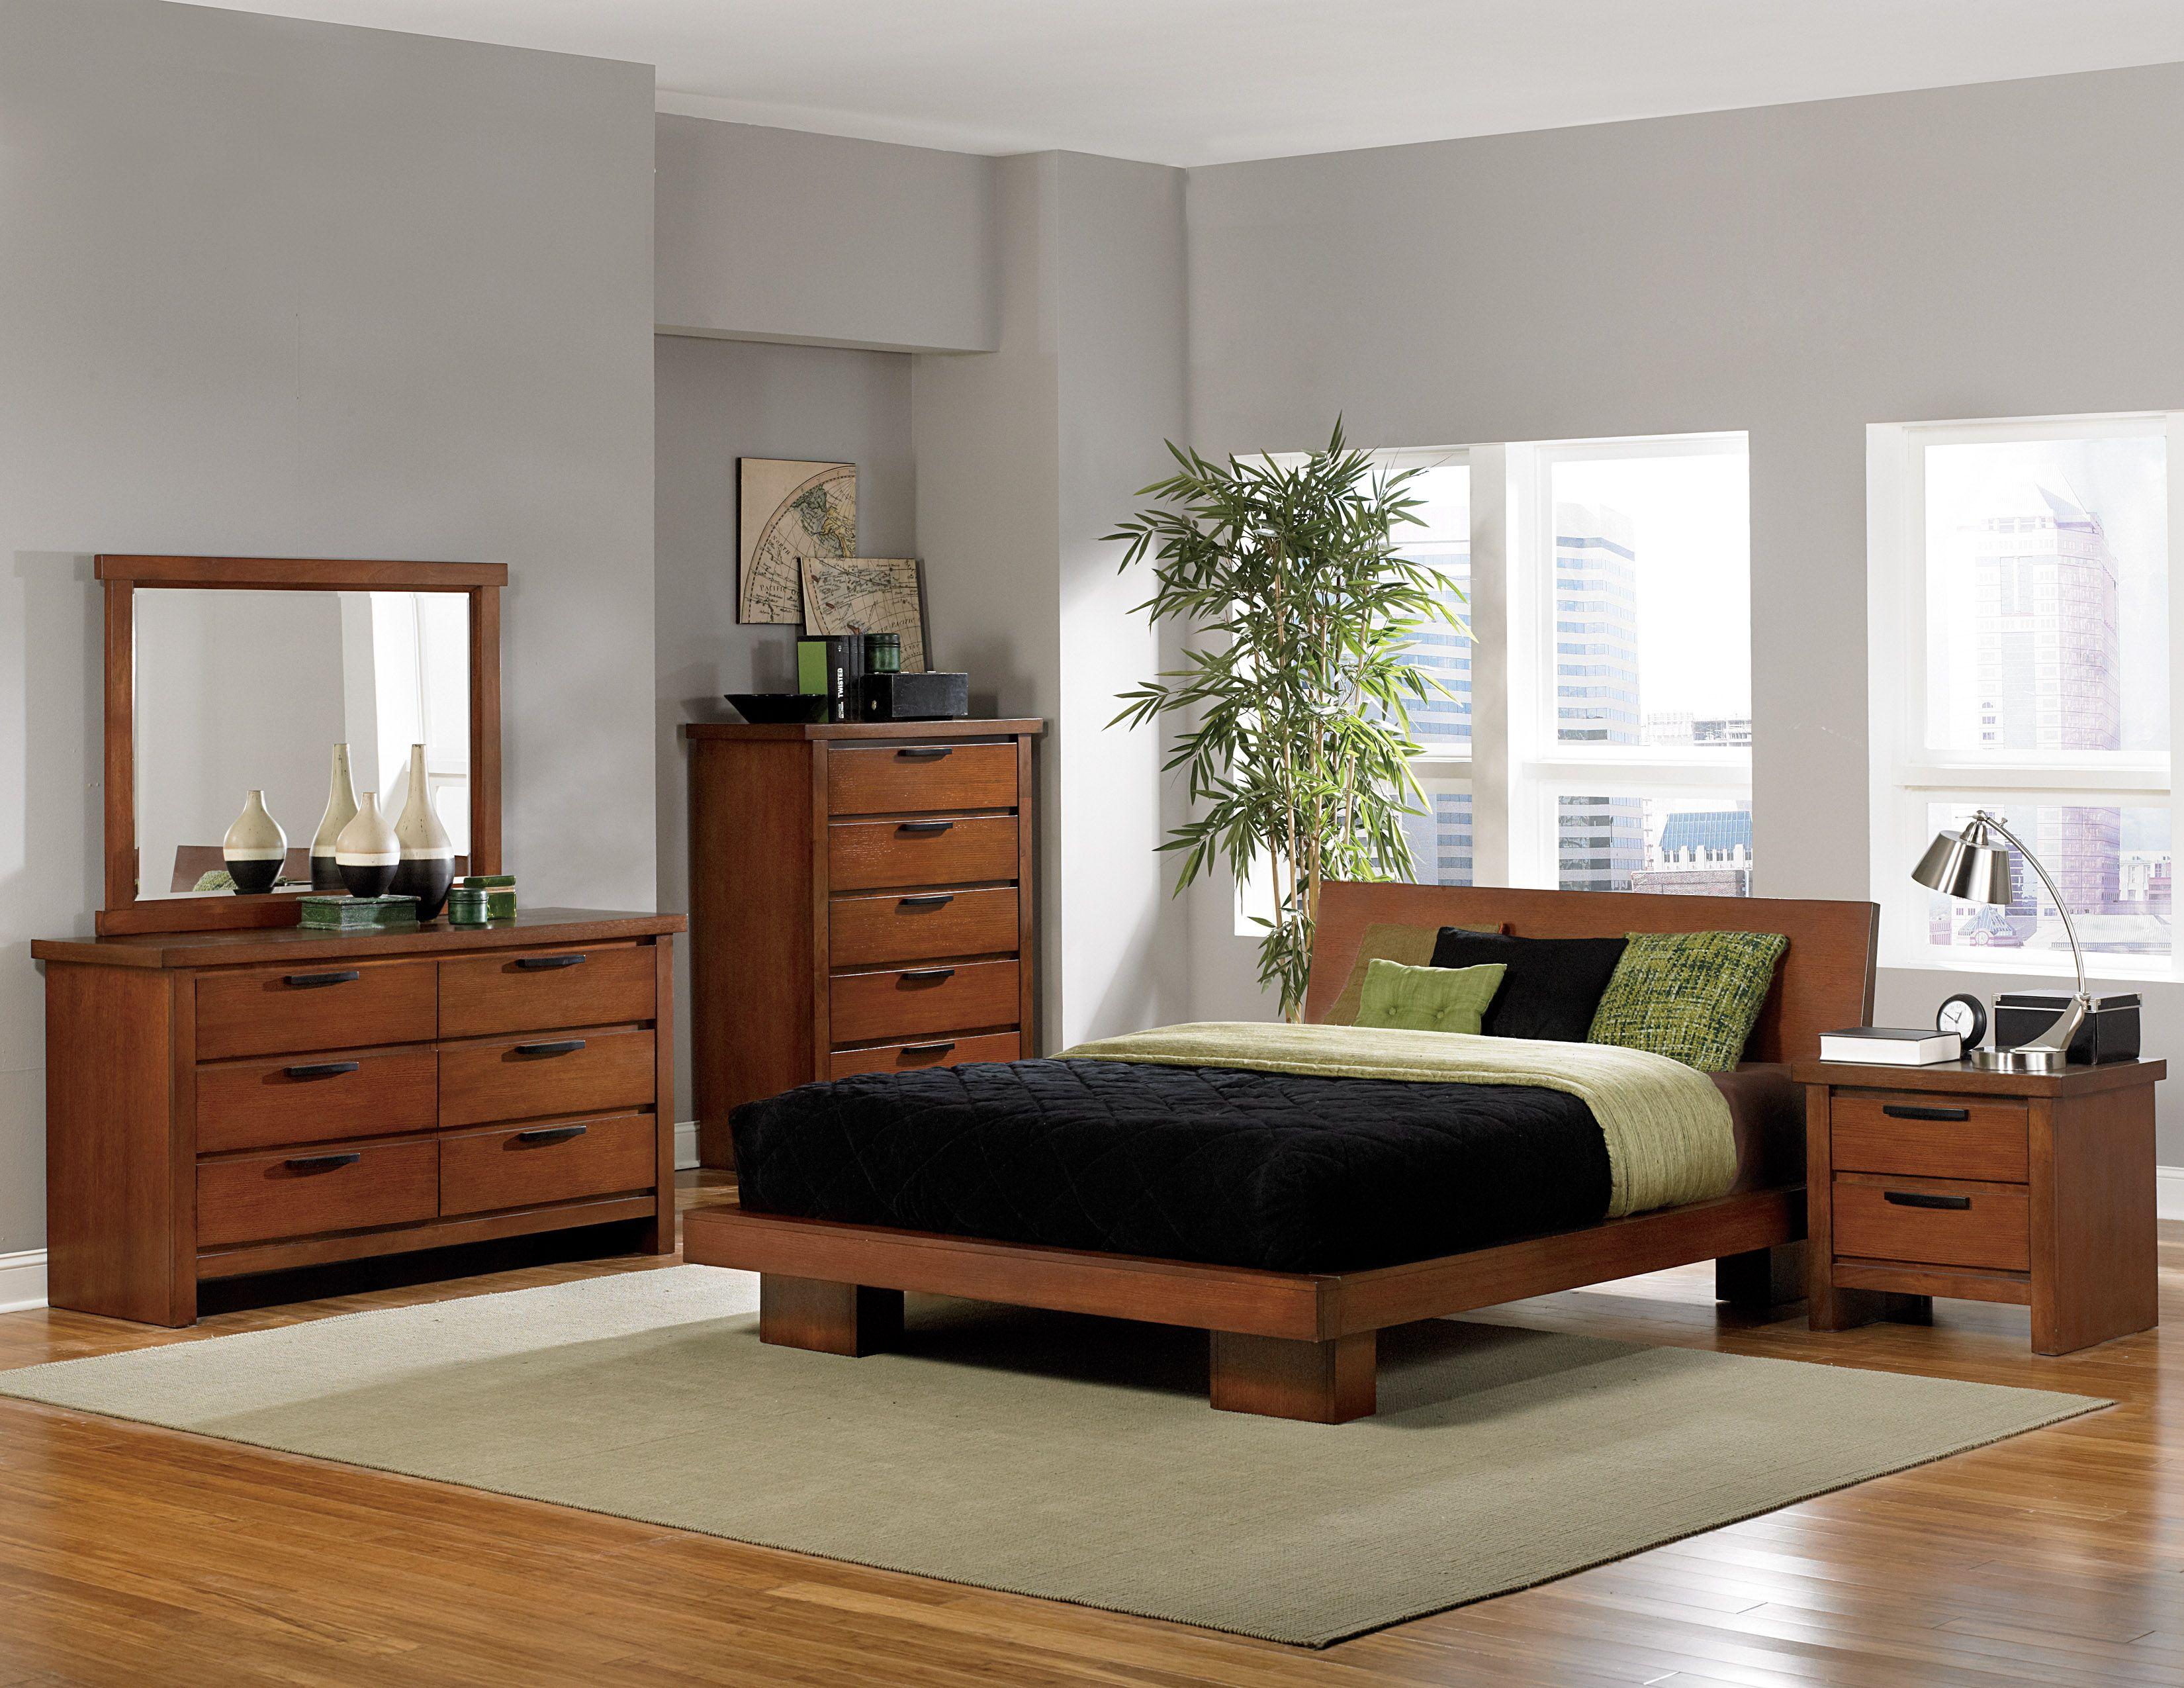 Kobe Oak Bedroom Collection Bedroom furniture sets